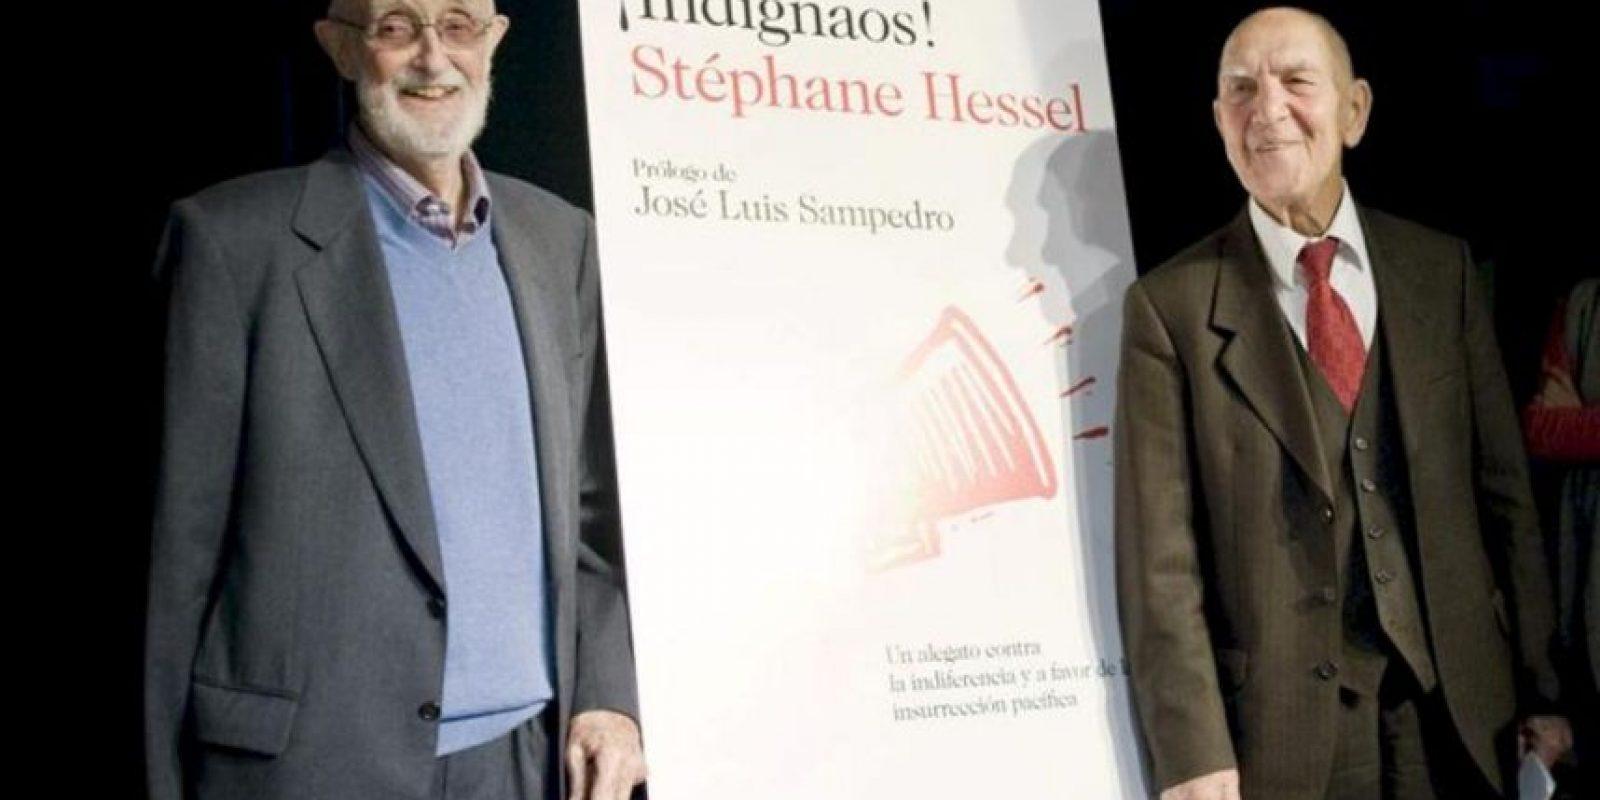 """El francés Stéphane Hessel (d) durante la presentación en marzo de 2011 Madrid, del libro """"Indignaos!"""", junto al escritor y economista español José Luis Sampedro (izda.), que prologó la edición española de este libro. EFE/Luca Piergiovanni"""